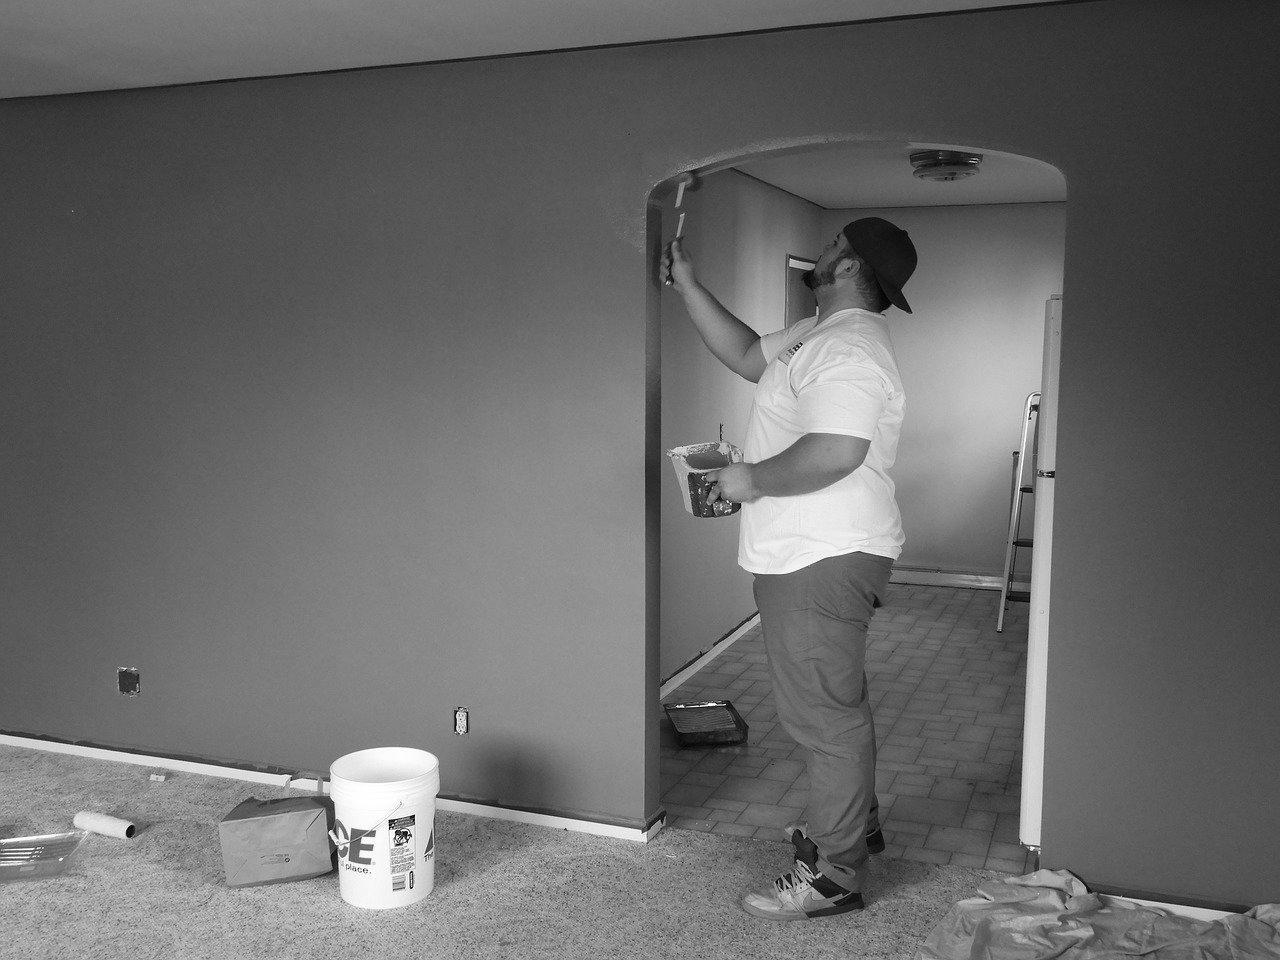 Rénover une maison à Mantes-la-Jolie 78200 | Entreprises de rénovation